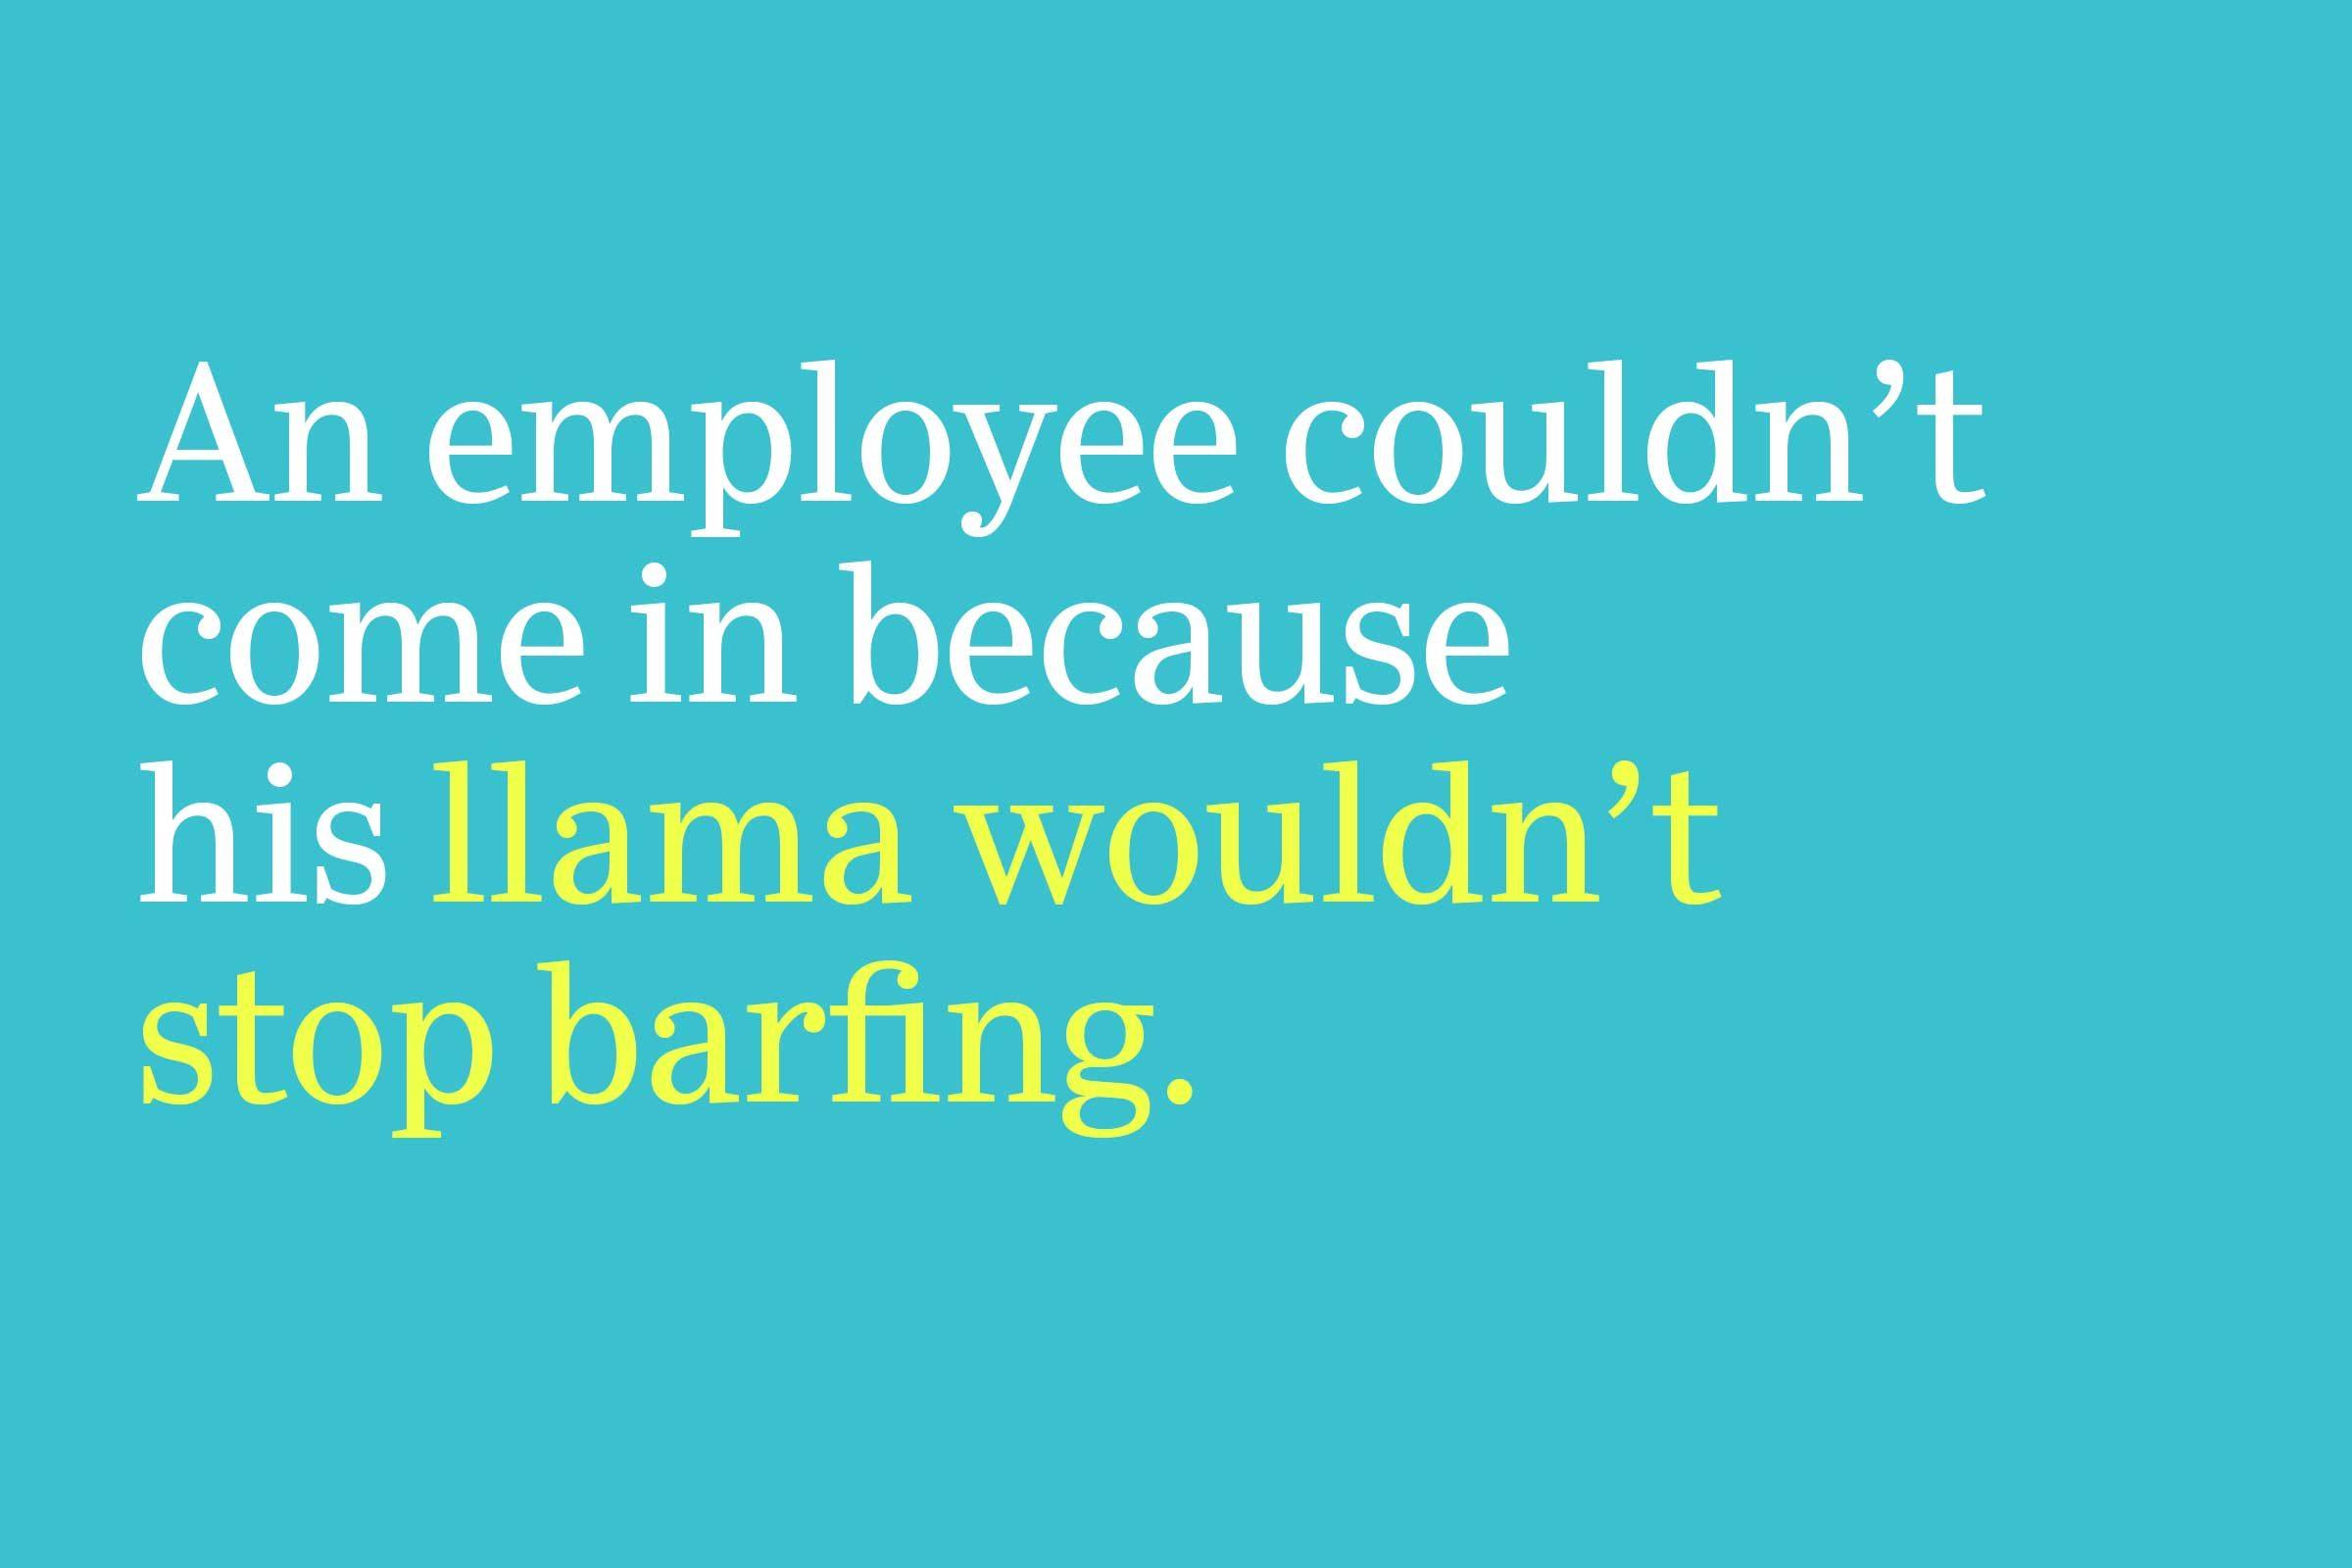 llama wouldn't stop barfing